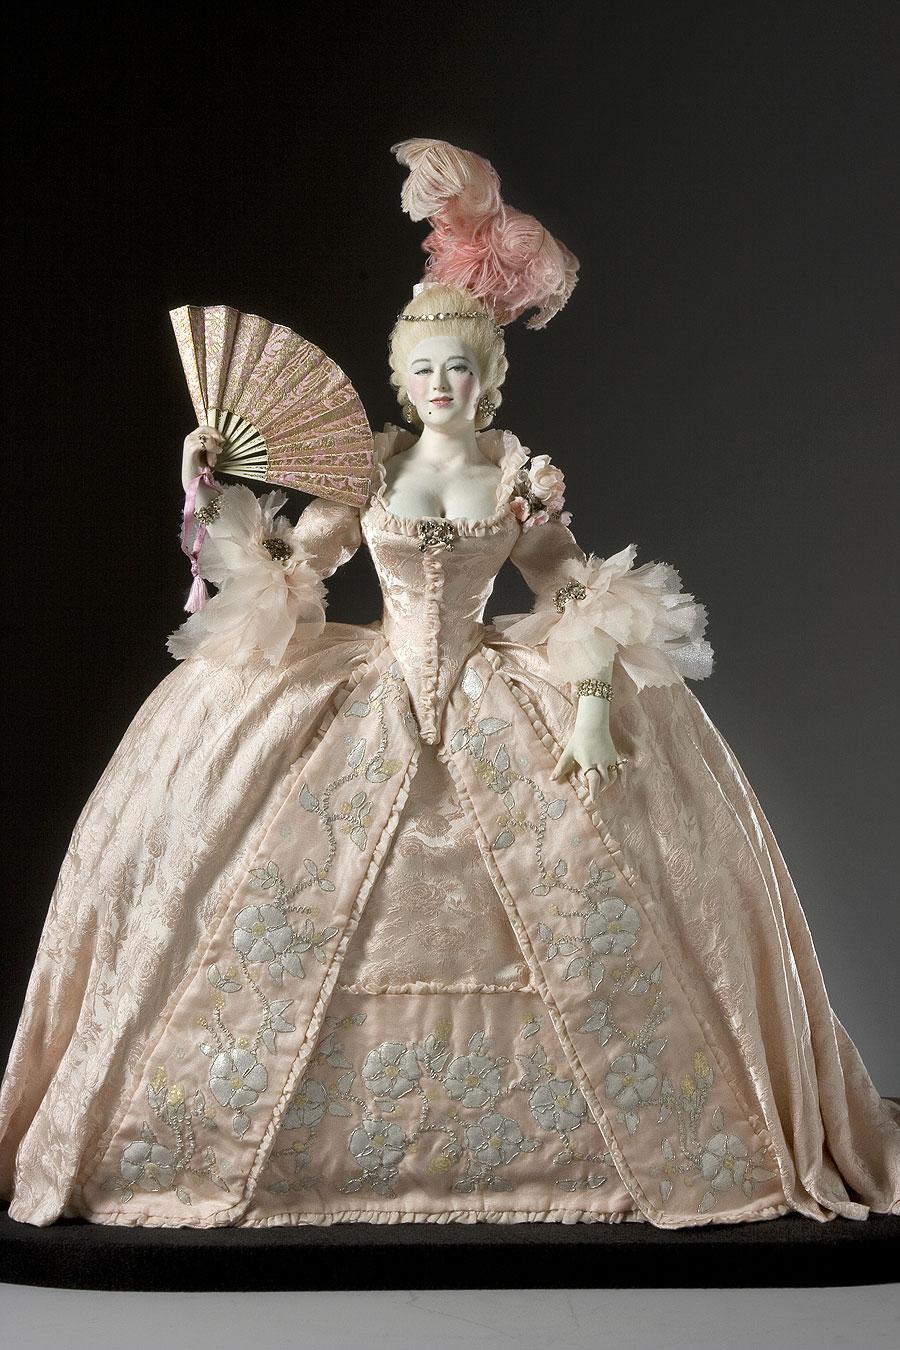 Mj ornaments marie antoinette in ventura for Baroque fashion trend